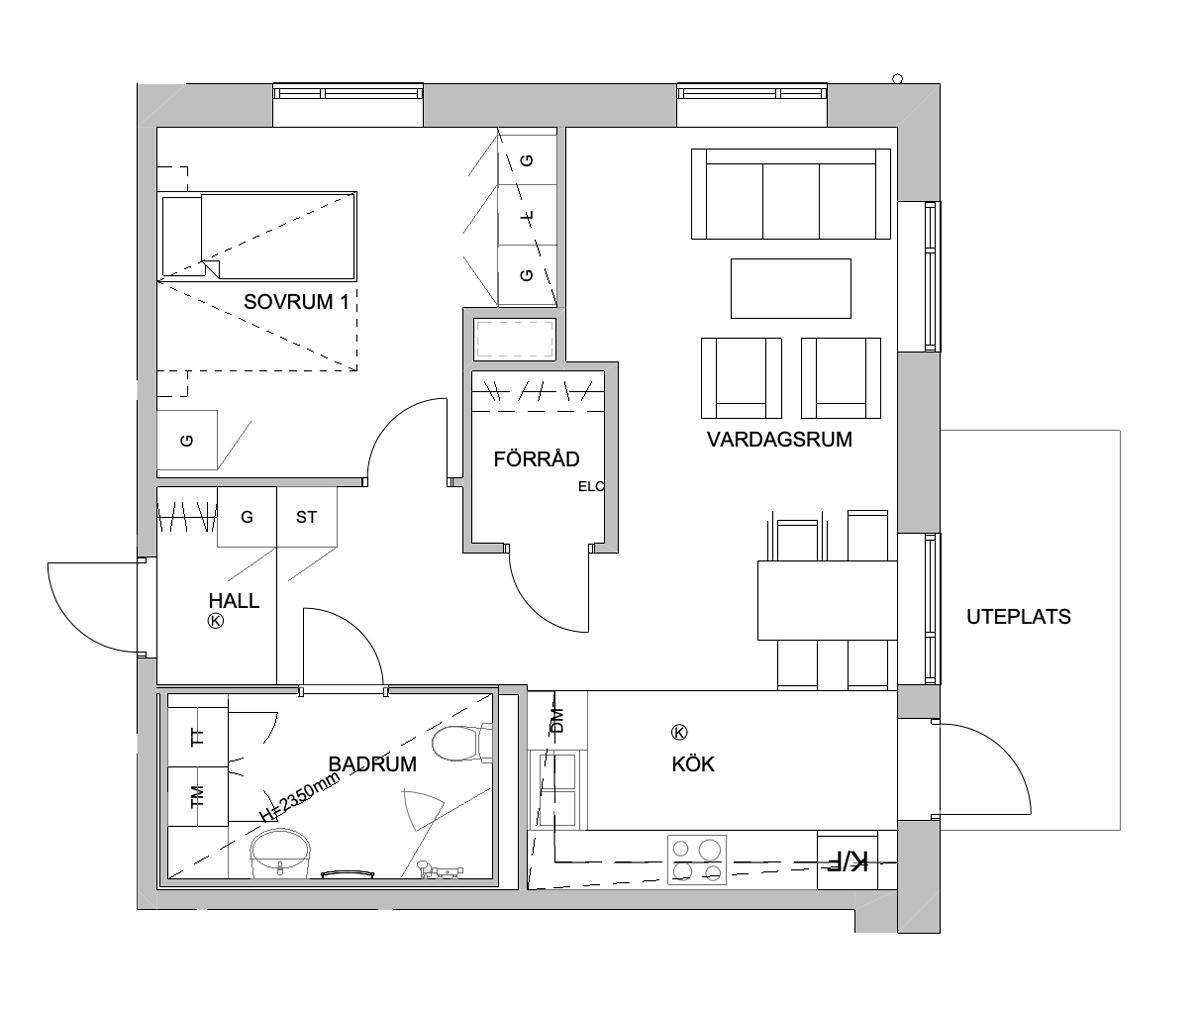 Planlösning - 2 rum och kök